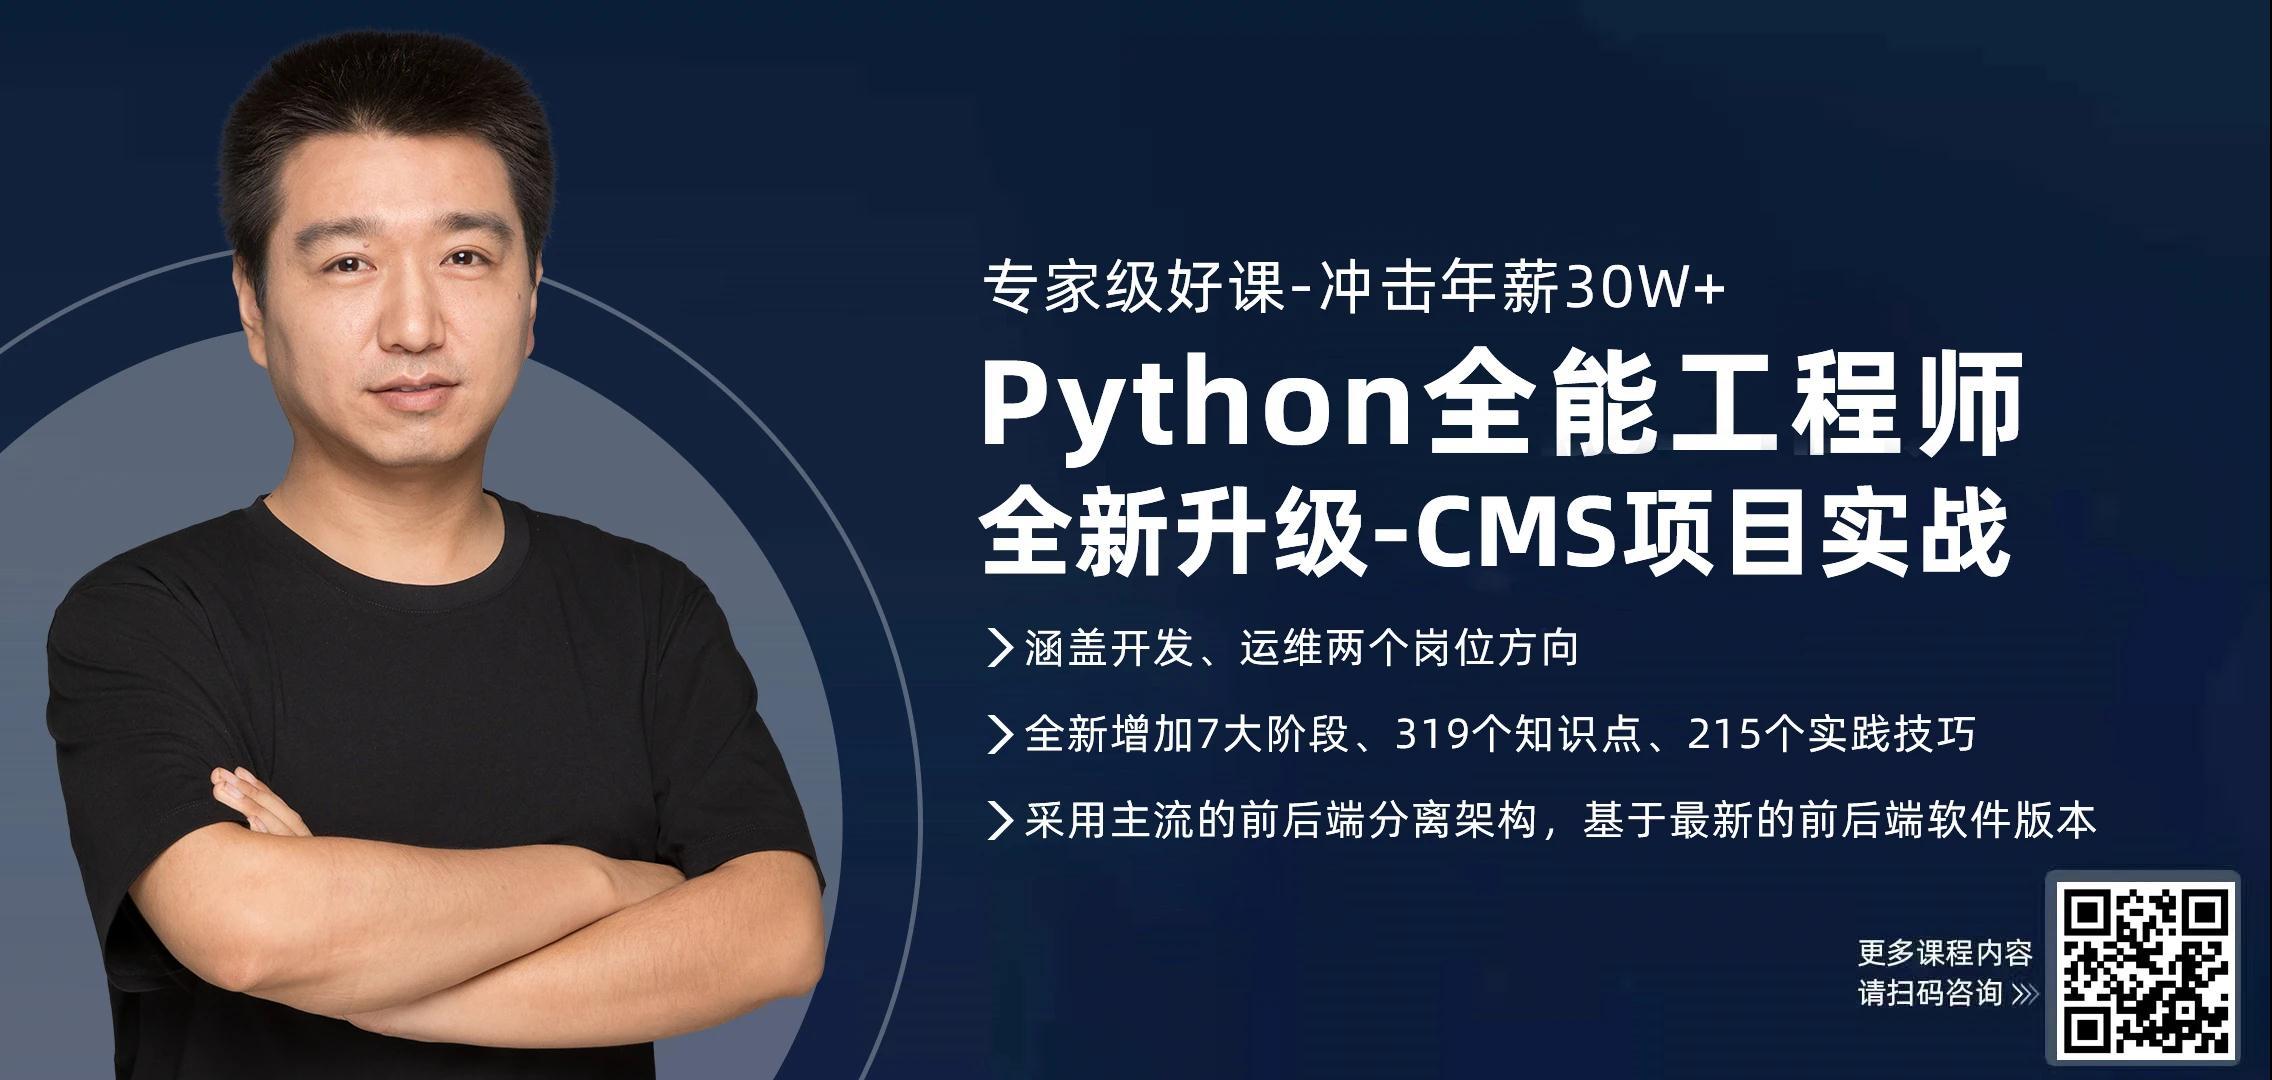 课程升级抢先看!马哥教育《Python全能工程师》新增CMS课程...